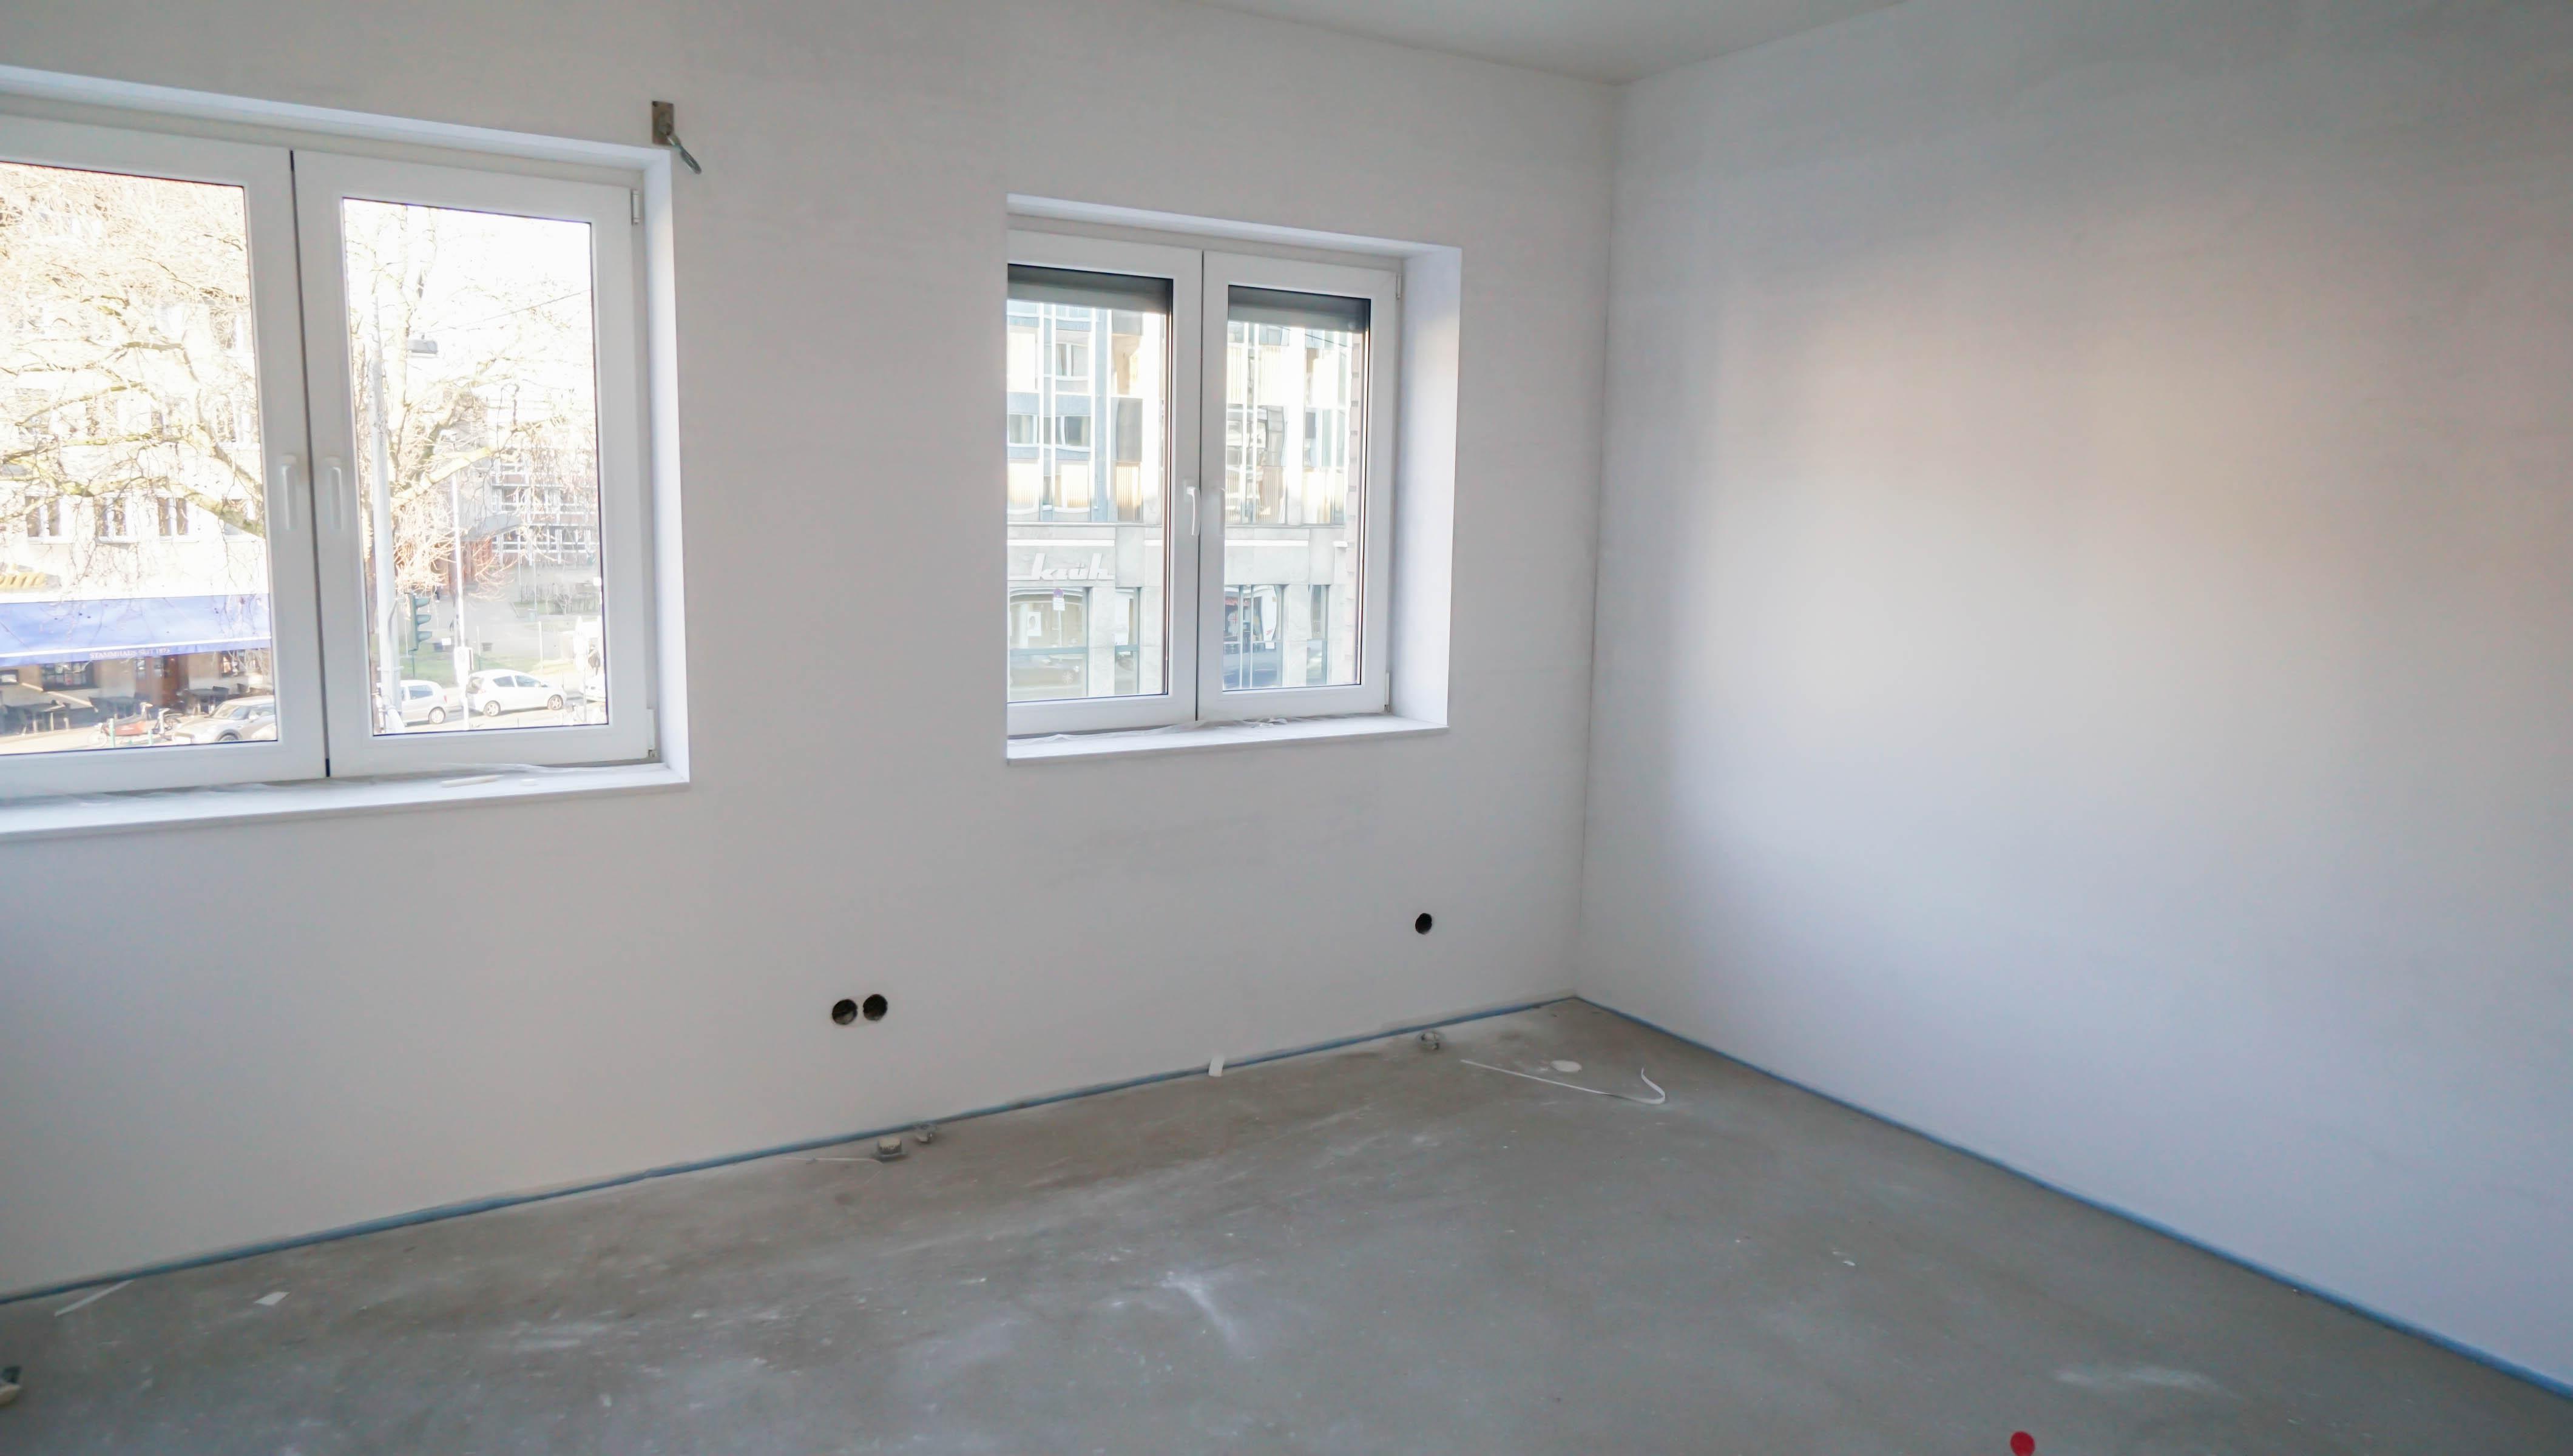 Attraktive 3 Zimmer Wohnung mit Balkon und Einbauküche als Neubau-Erstbezug